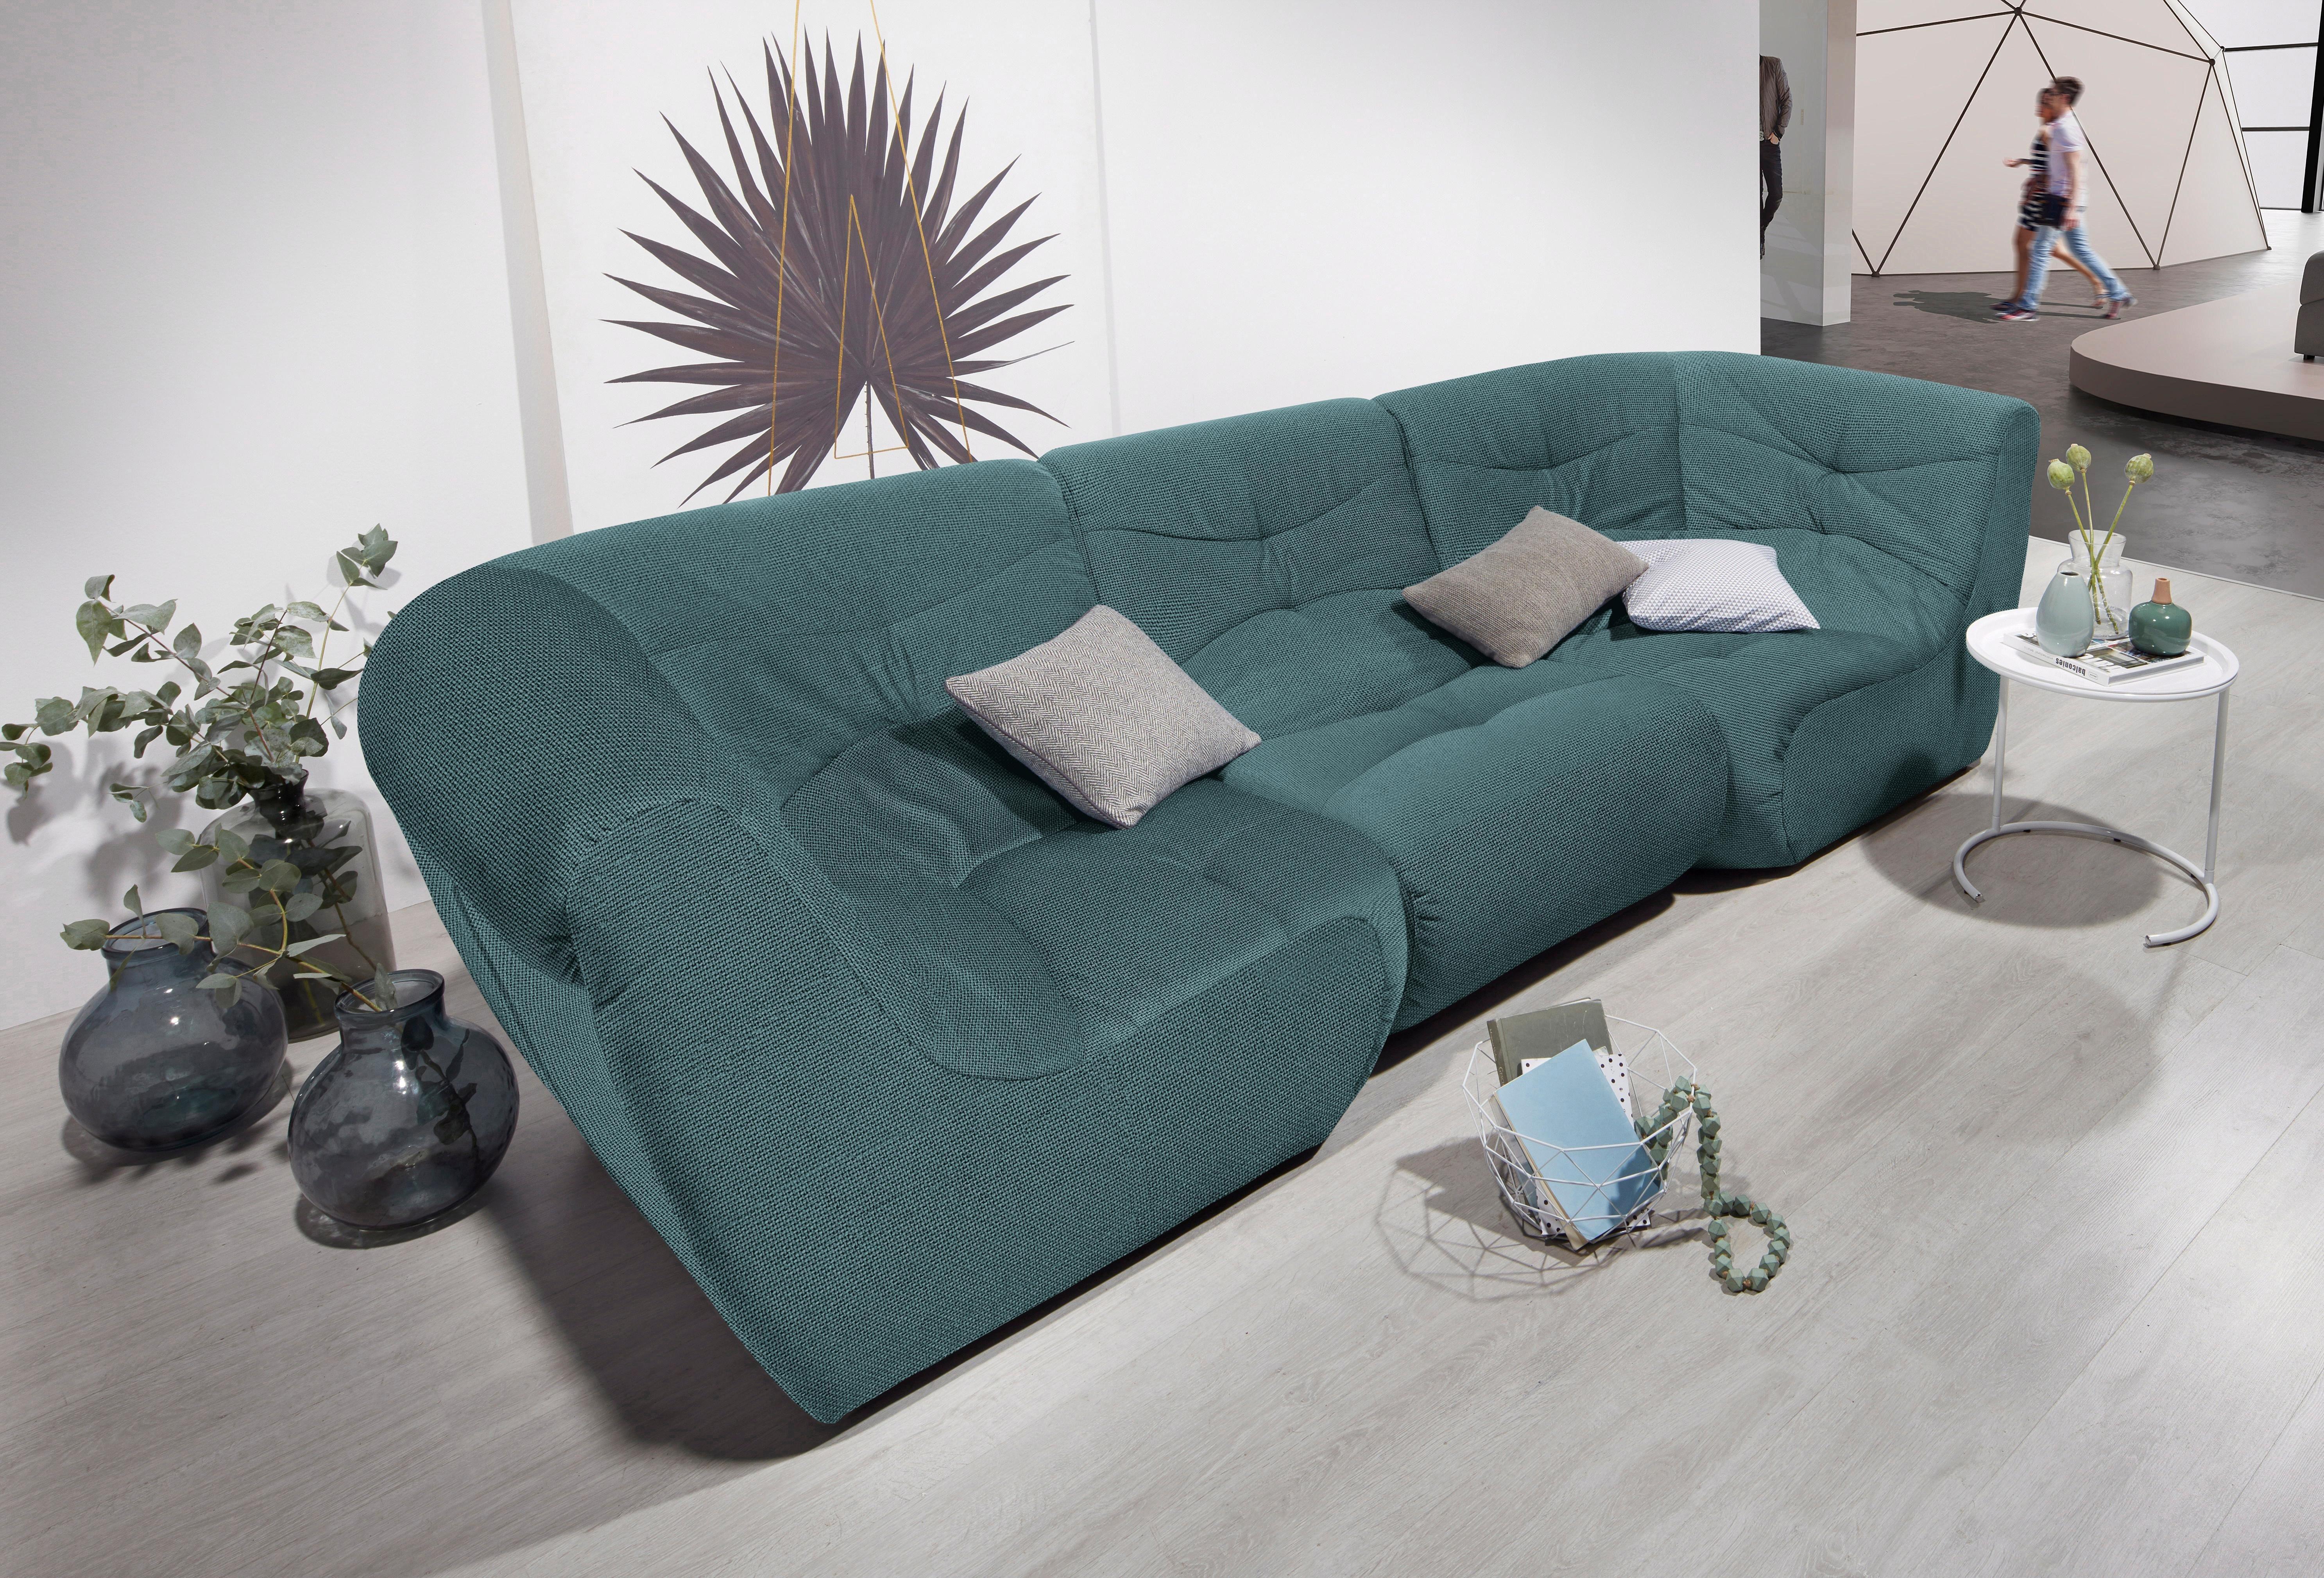 Domo Collection Big Sofa Moebel Suchmaschine Ladendirekt De Wohnzimmer Sofa Bigsofa Grosse Sofas Sofa Wohnzimmer Sofa